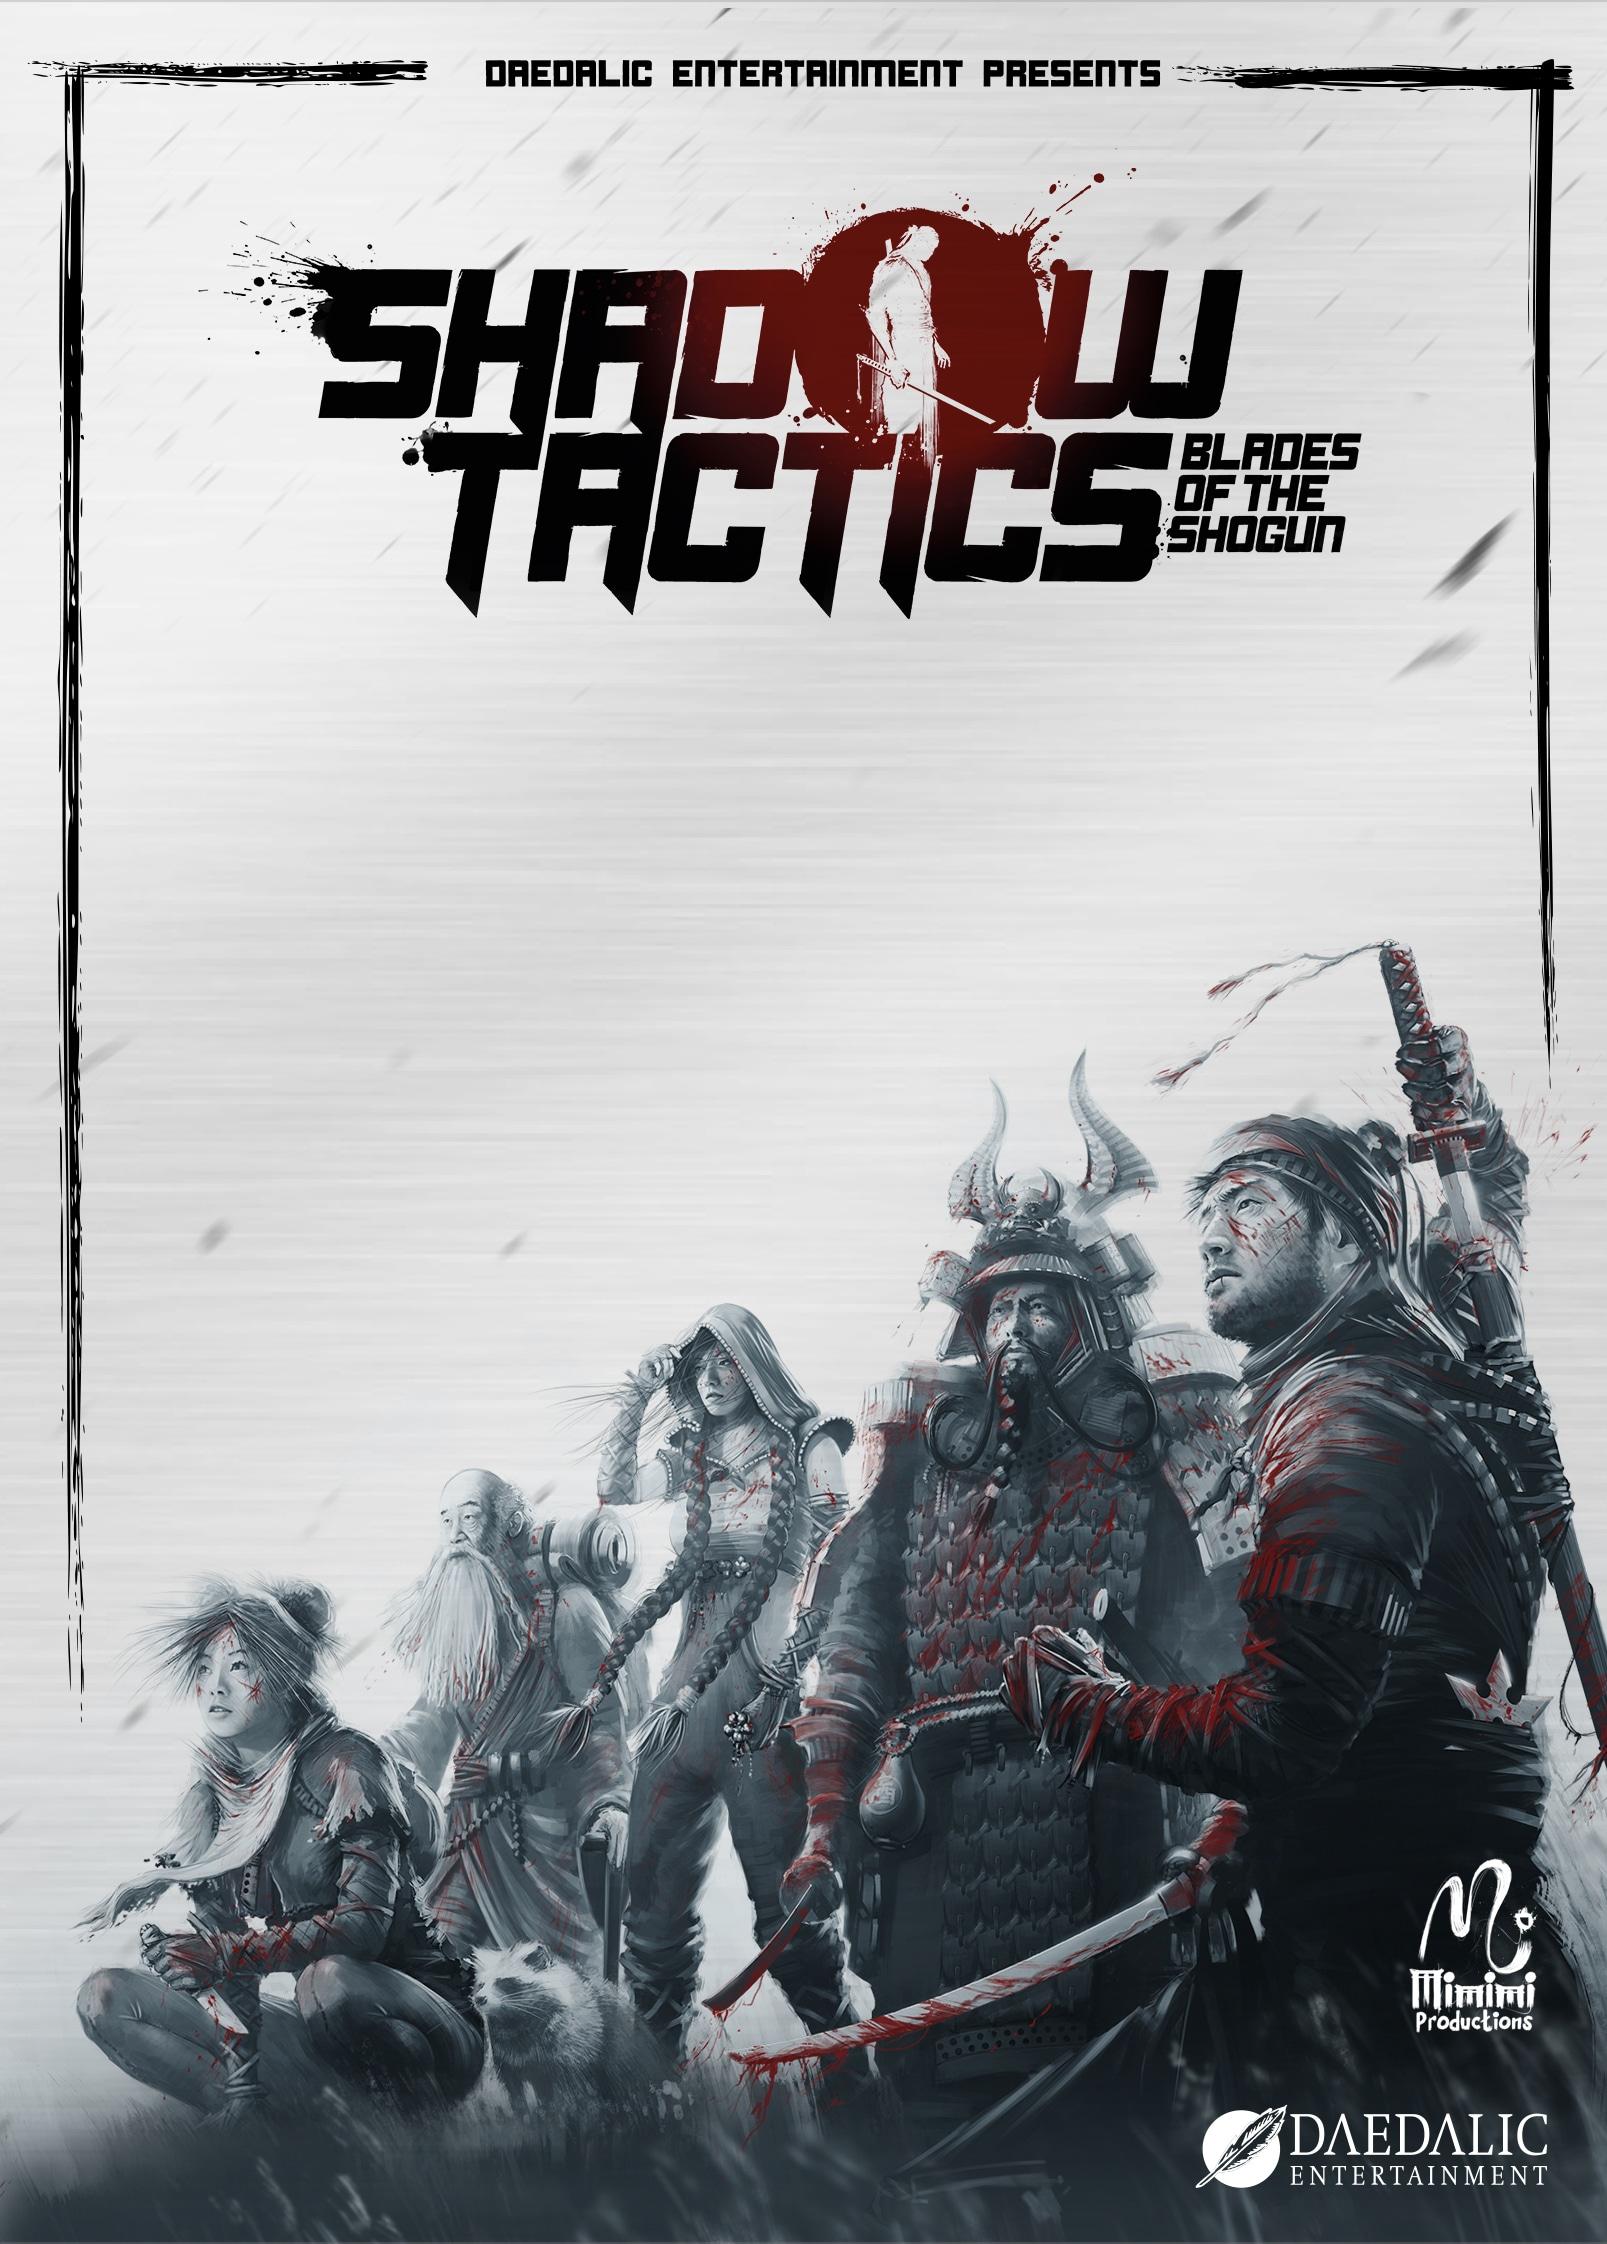 jaquette du jeu vidéo Shadow Tactics: Blades of the Shogun